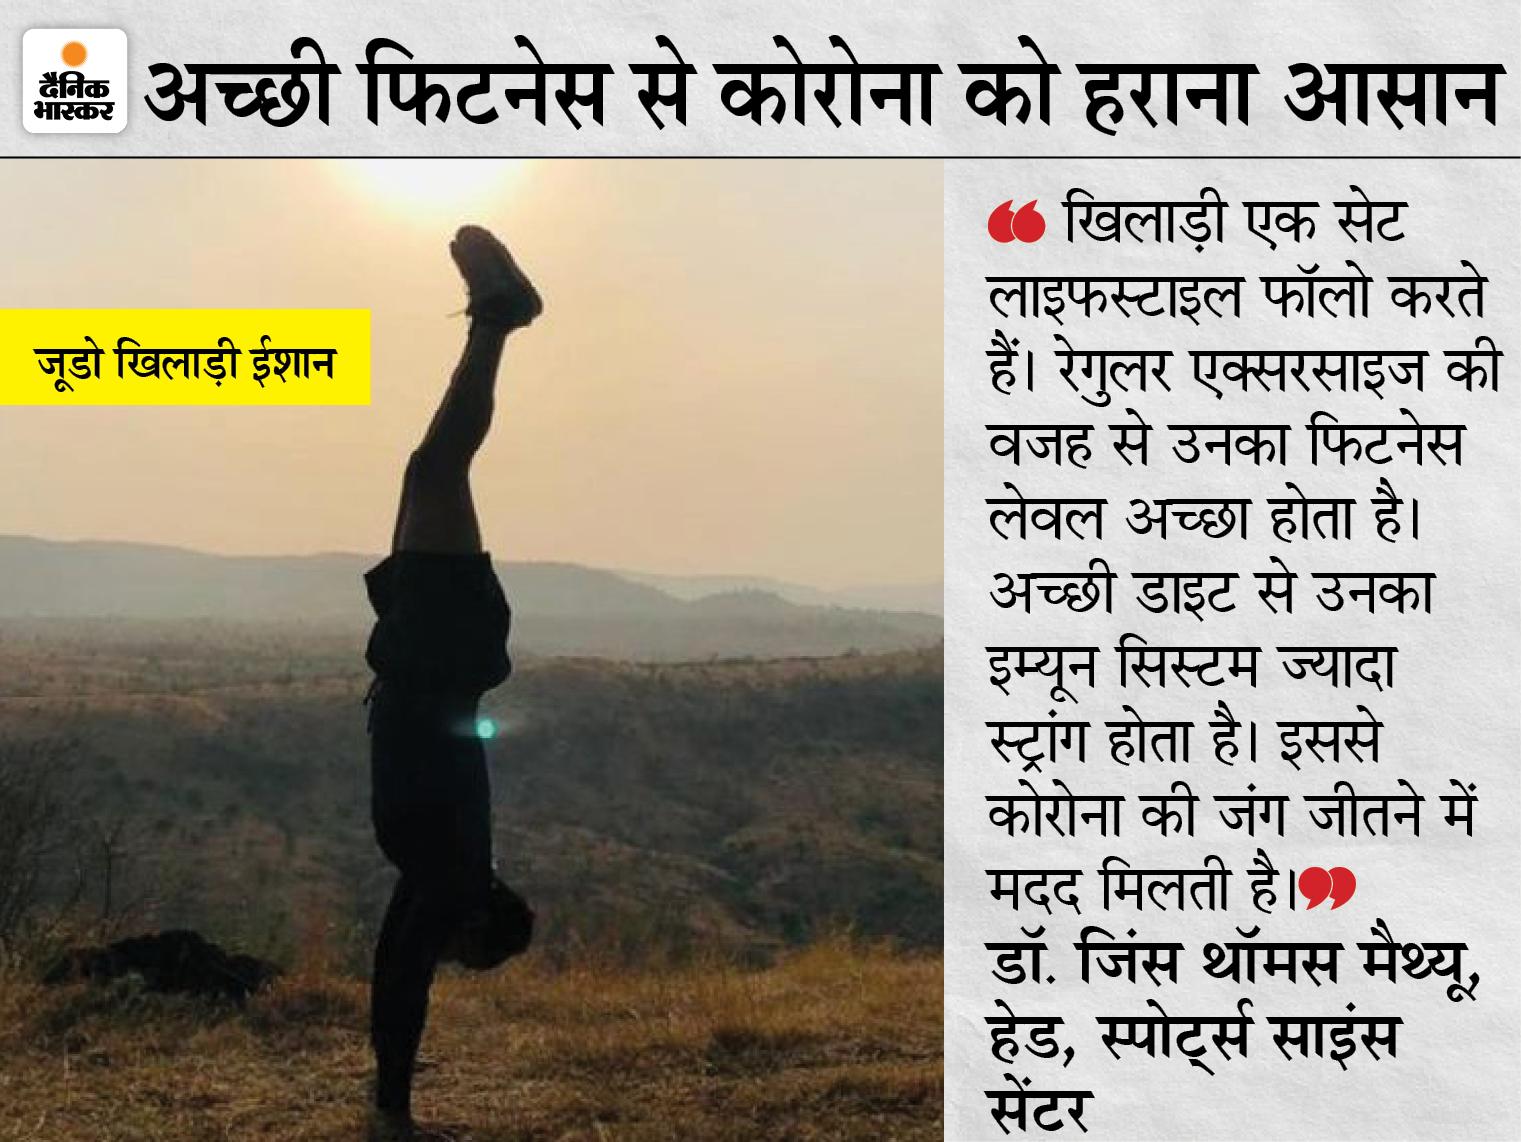 अच्छी इम्युनिटी, बैलेंस्ड डाइट से किसी को नहीं पड़ी ऑक्सीजन की जरूरत; 7 से 15 दिन में ठीक भी हुए|भोपाल,Bhopal - Dainik Bhaskar